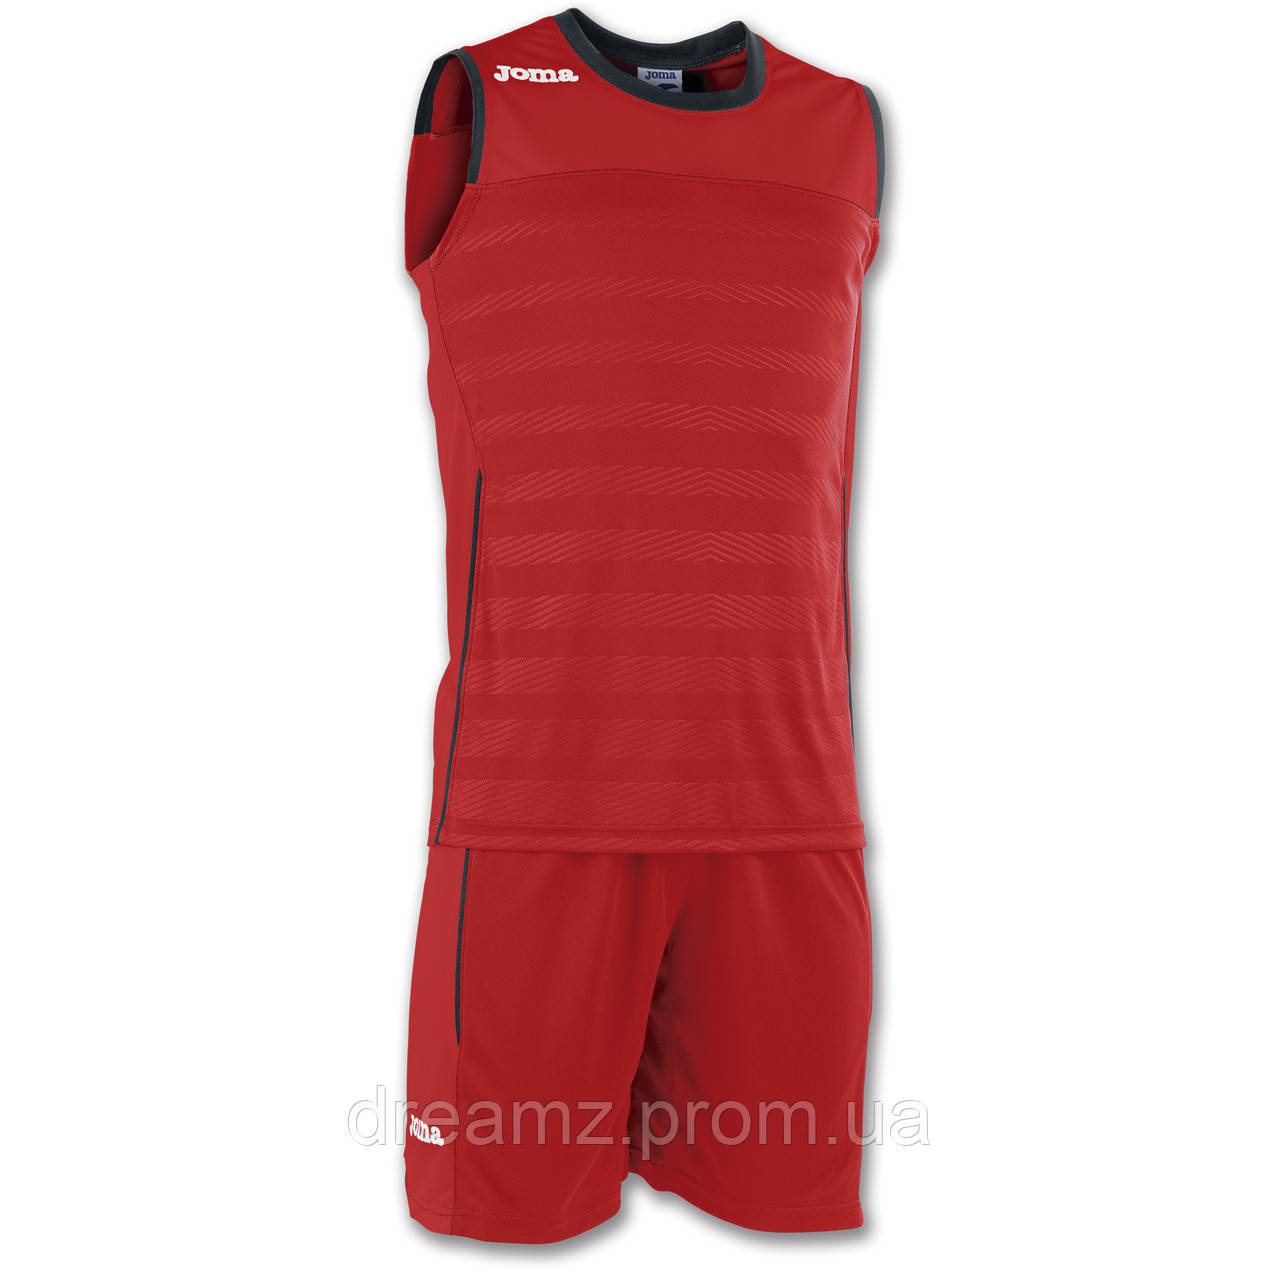 0d5e8830 Баскетбольная форма Joma SET SPACE II - 100692.601 - Интернет-магазин  спортивных товаров DreamZ в